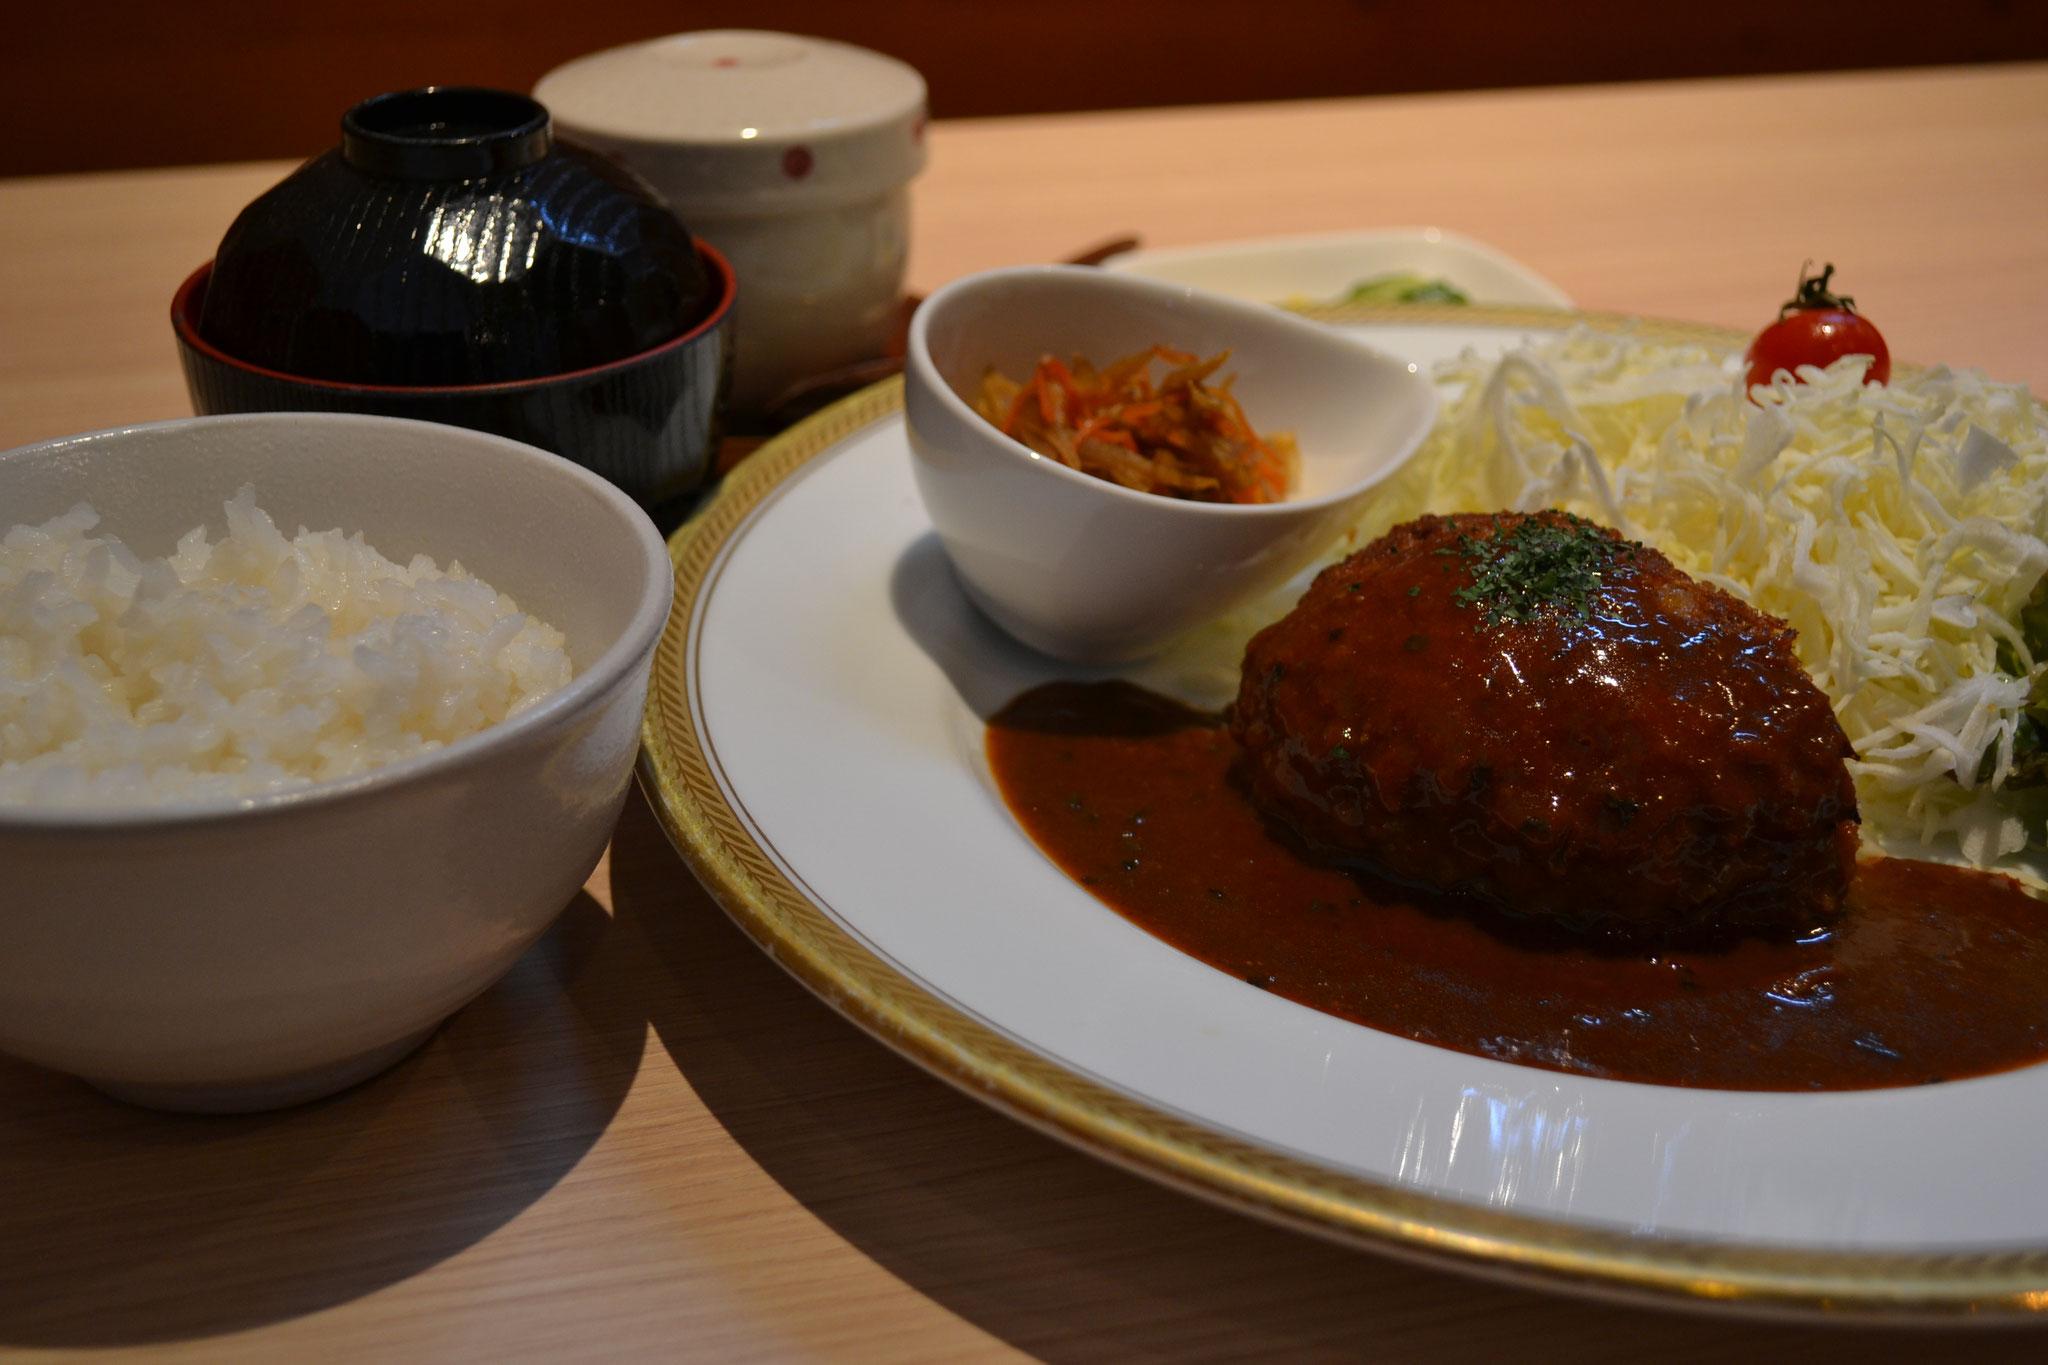 ハンバーグランチ ¥960